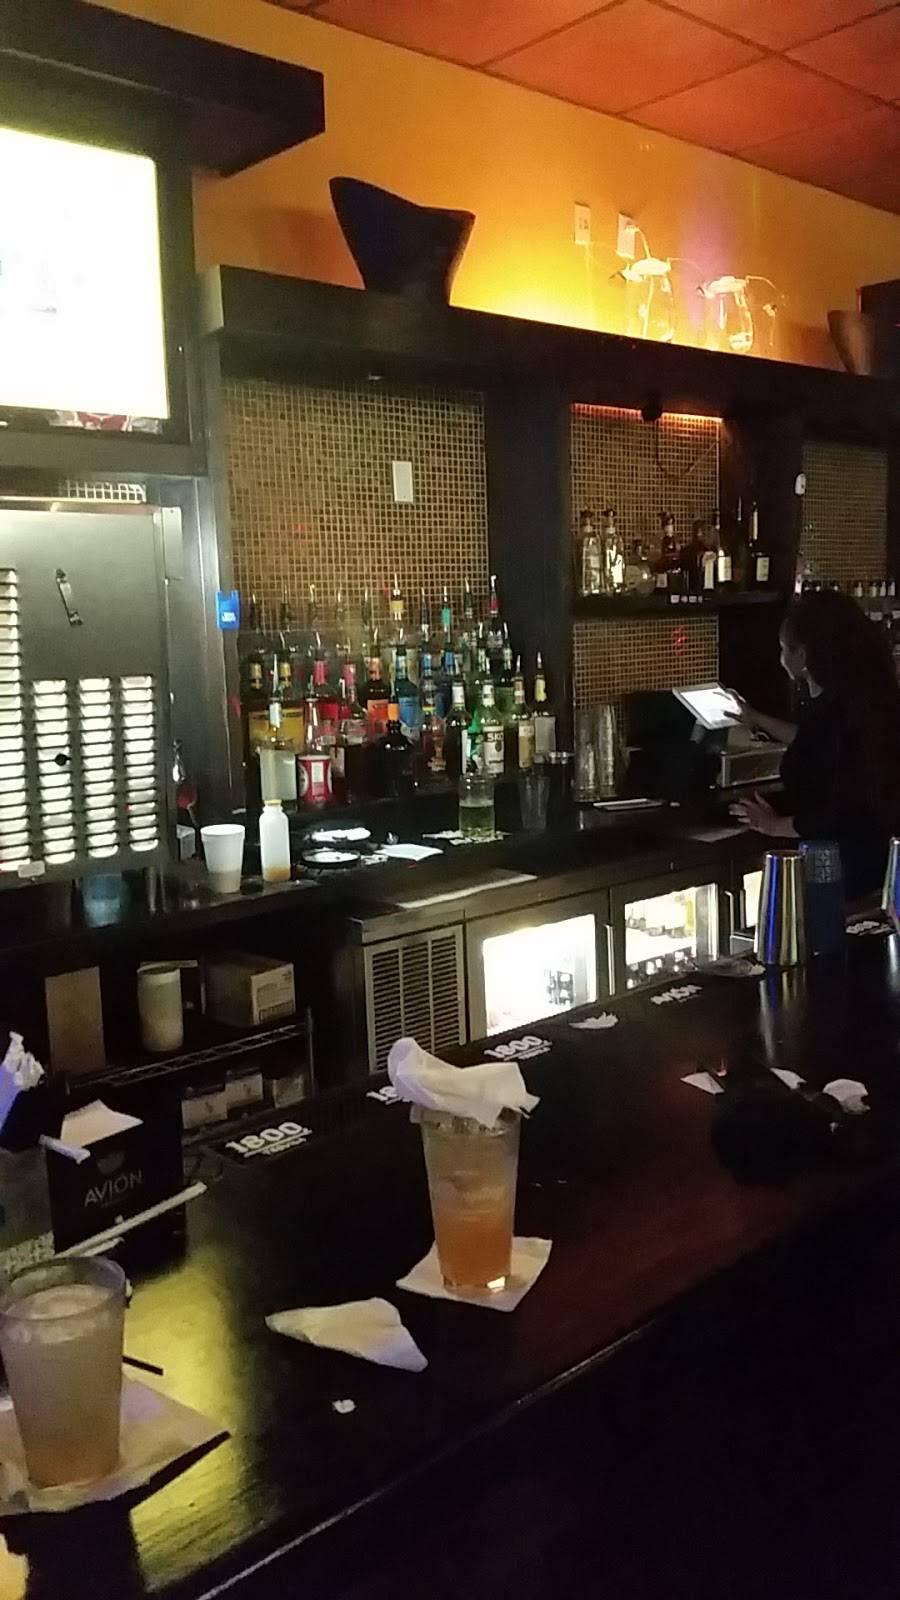 Pesos Mexican Cantina | restaurant | 4920 Flat Shoals Pkwy #107, Decatur, GA 30034, USA | 7709814123 OR +1 770-981-4123